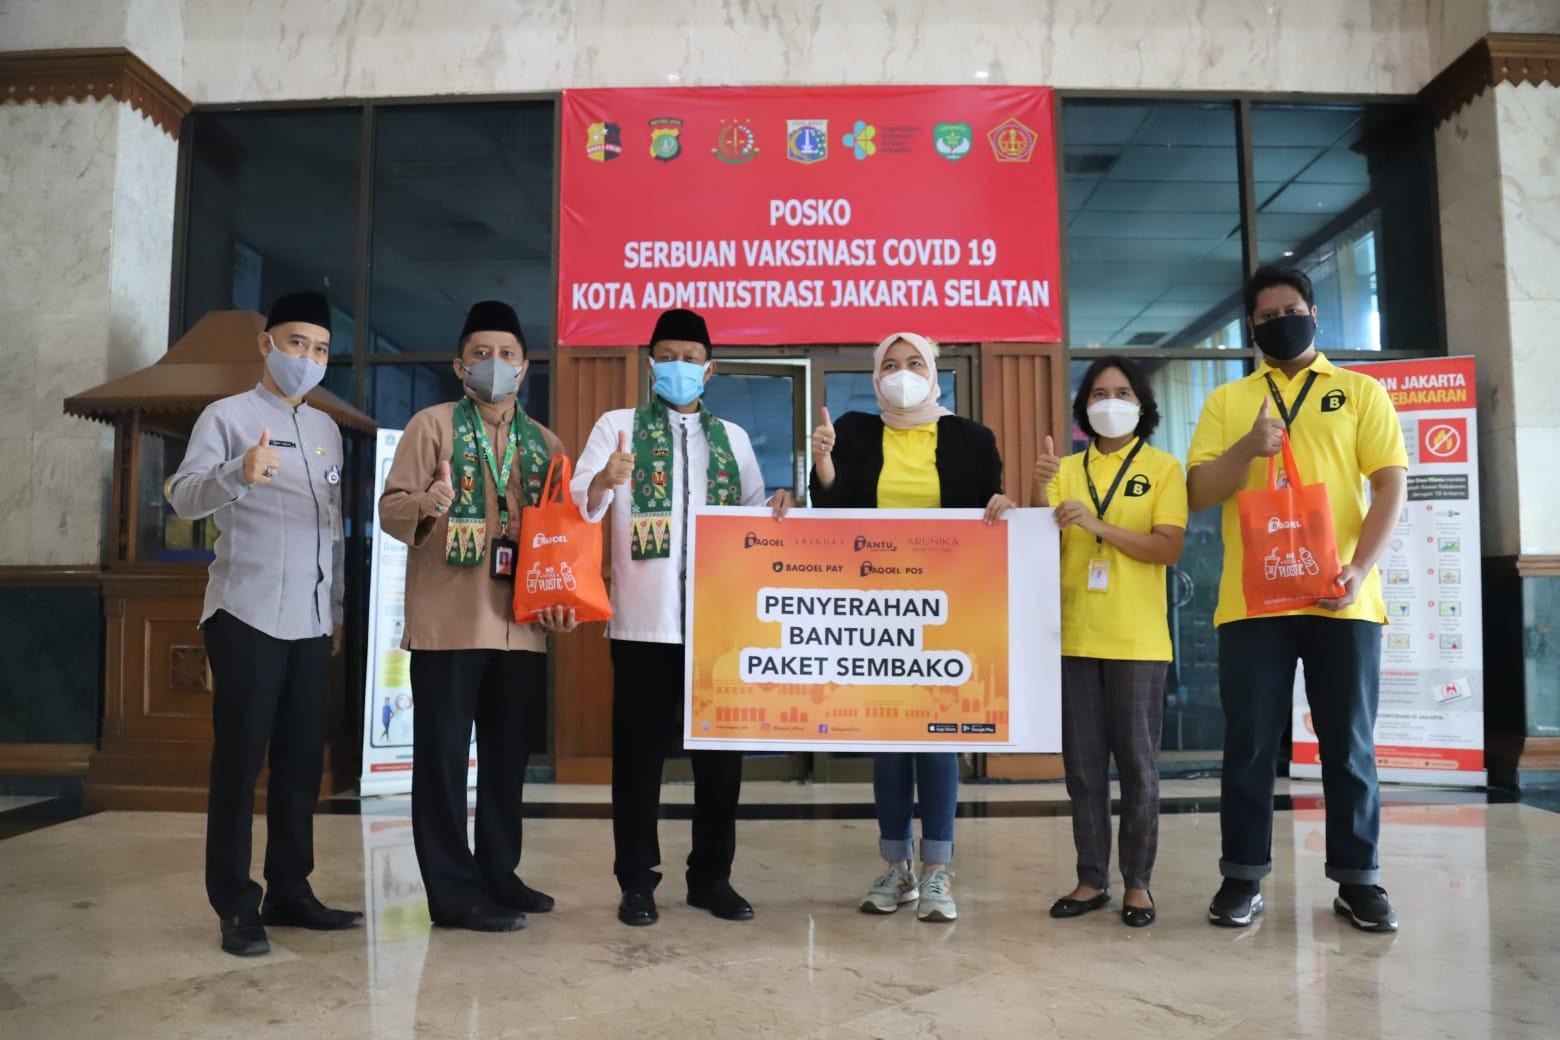 Baqoel Group Serahkan Bantuan 300 Paket Sembako ke Pemkot Jaksel - JPNN.com